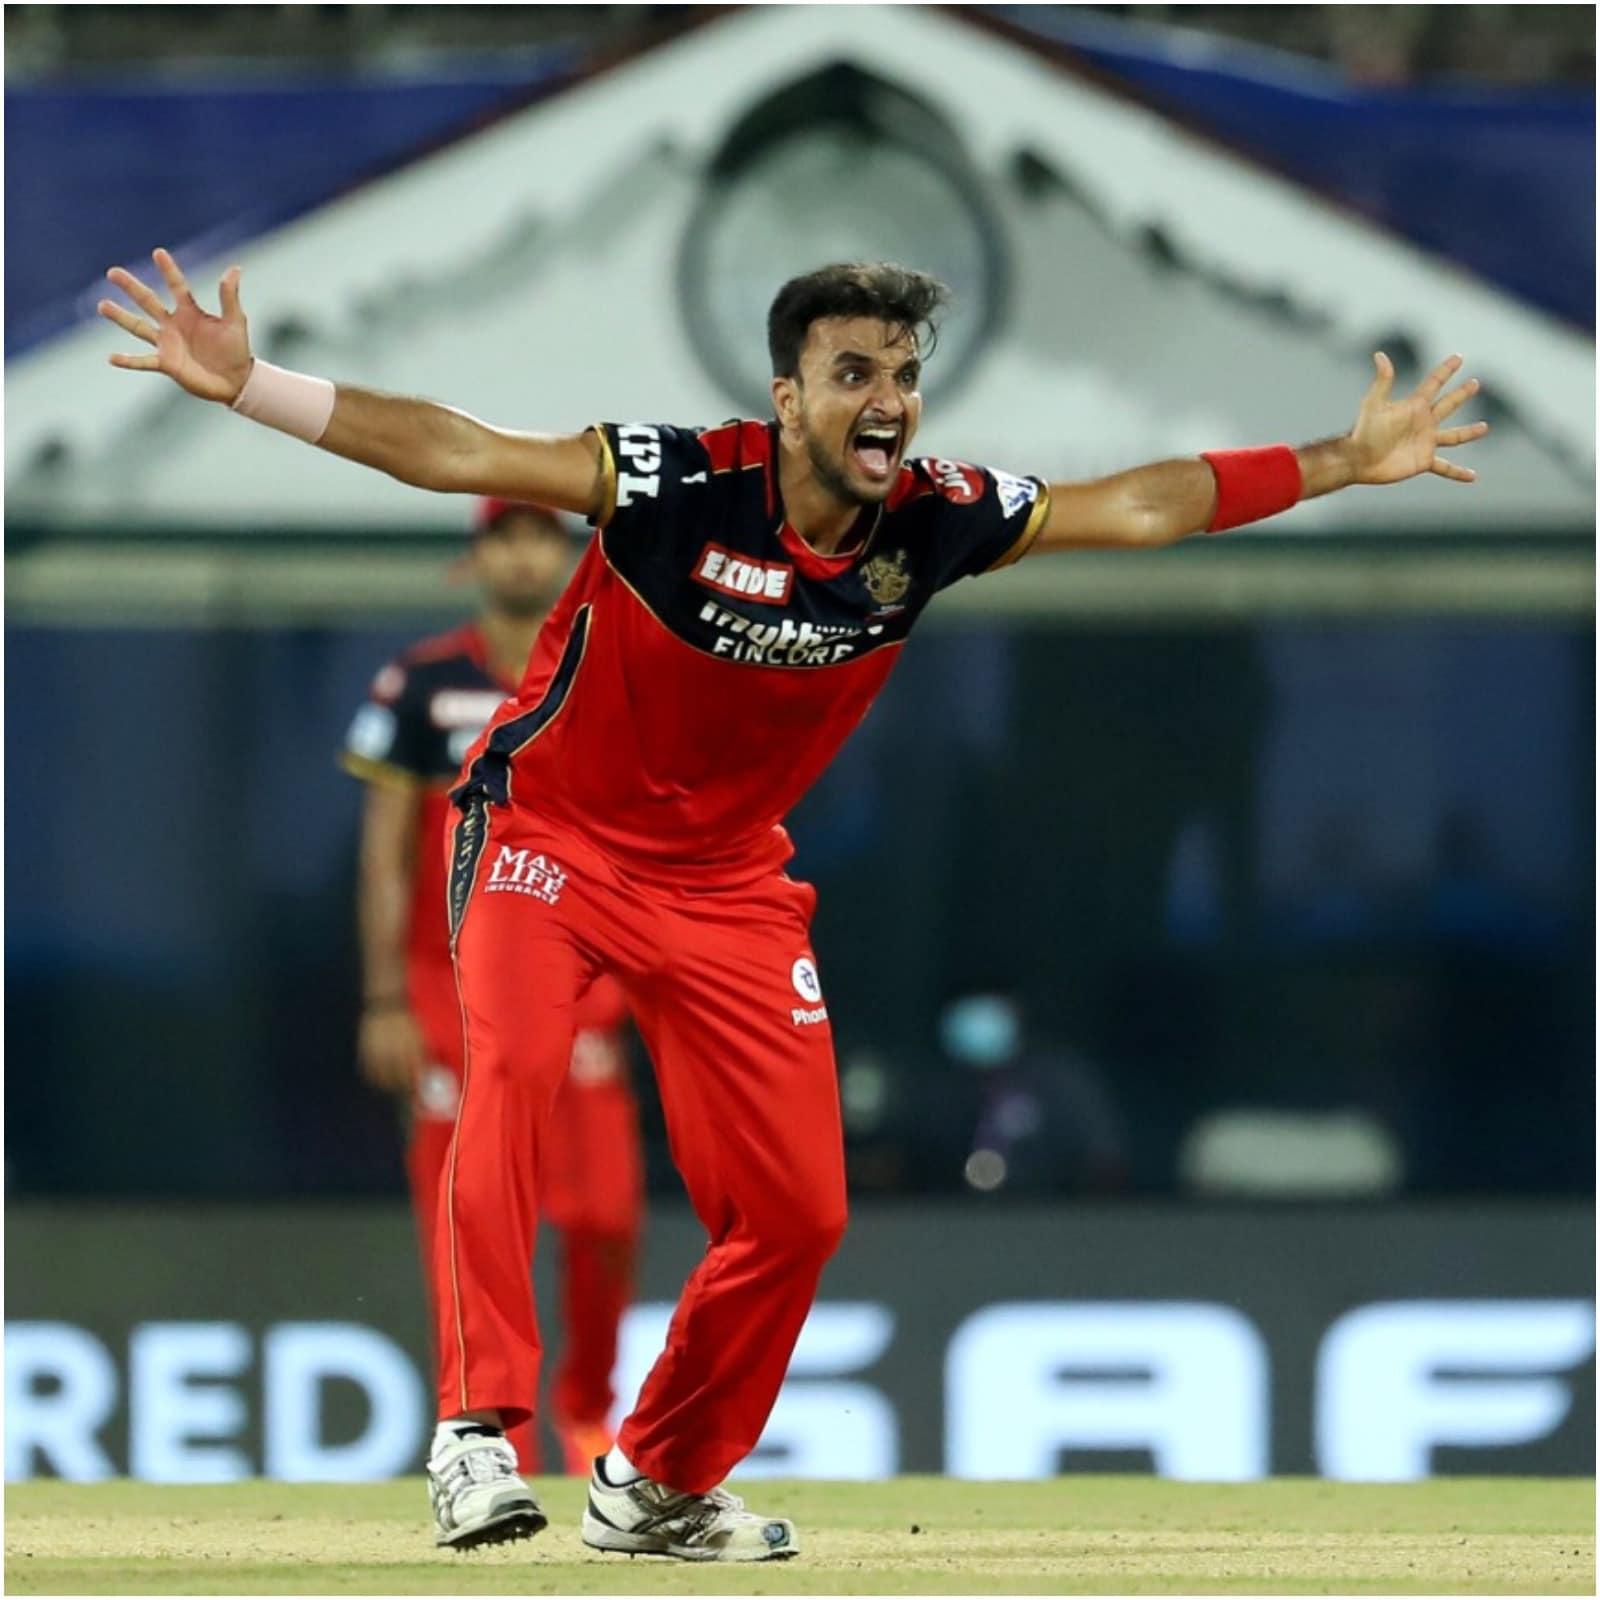 आईपीएल 2021 (IPL 2021) में रविवार को रॉयल चैलेंजर्स बेंगलोर और मुंबई इंडियंस (RCB vs MI) के बीच हुए मुकाबले में एक खास रिकॉर्ड बना. आरसीबी के तेज गेंदबाज हर्षल पटेल (Harshal Patel) ने इस मैच में हैट्रिक ली. उन्होंने मुंबई की पारी के 17वें ओवर में यह कारनामा किया. वो आईपीएल में हैट्रिक लेने वाले 17वें और आरसीबी के तीसरे गेंदबाज बने. उनसे पहले आरसीबी के 2 गेंदबाजों ने यह उपलब्धि हासिल की है. इसमें वेस्टइंडीज के सैमुअल बद्री (Samuel Badree) और भारत के प्रवीण कुमार (Praveen Kumar) शामिल हैं. (PTI)